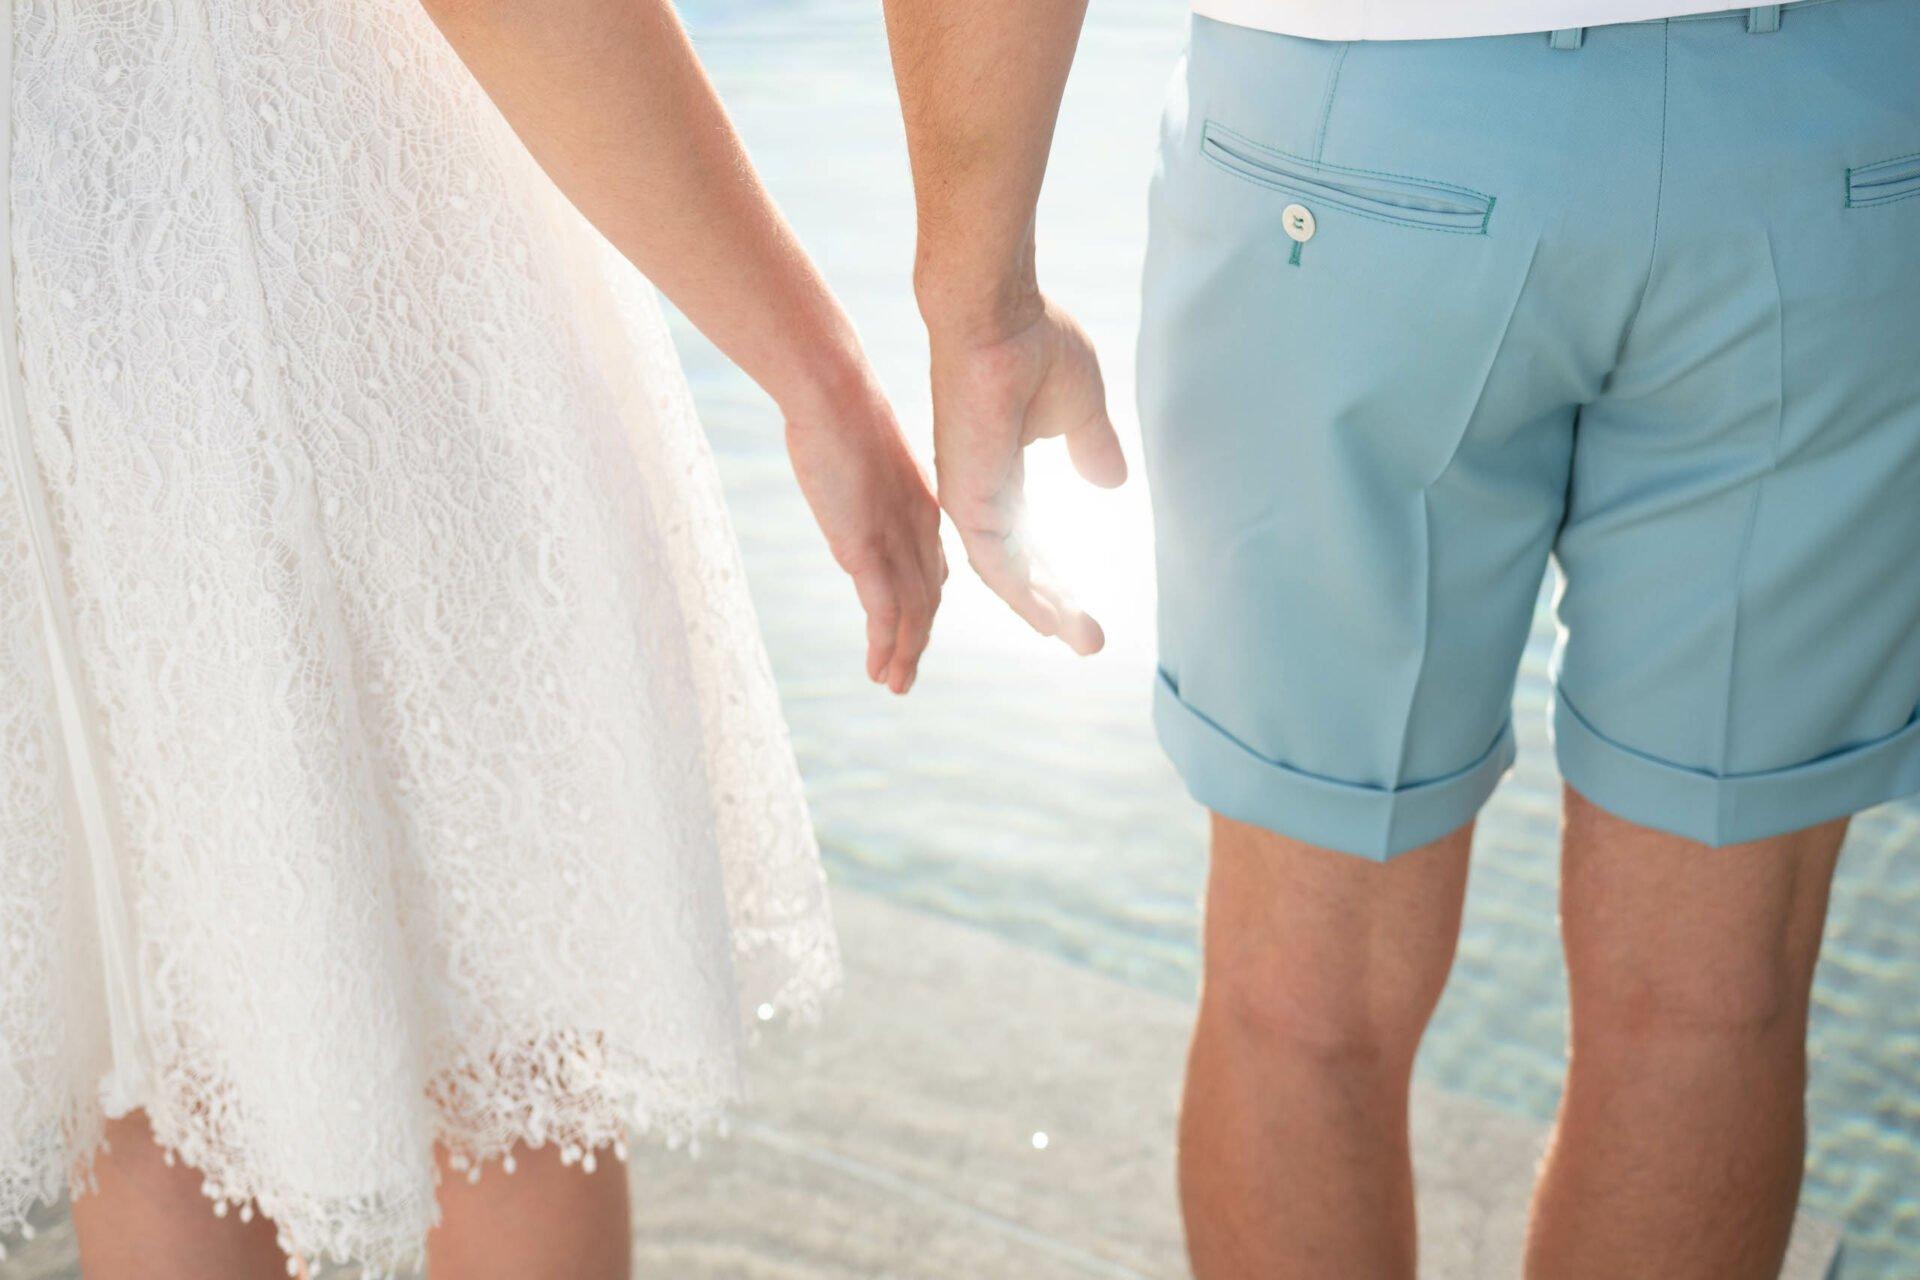 Hochzeit 2022, Brautmoden Trends fürs nächste Jahr